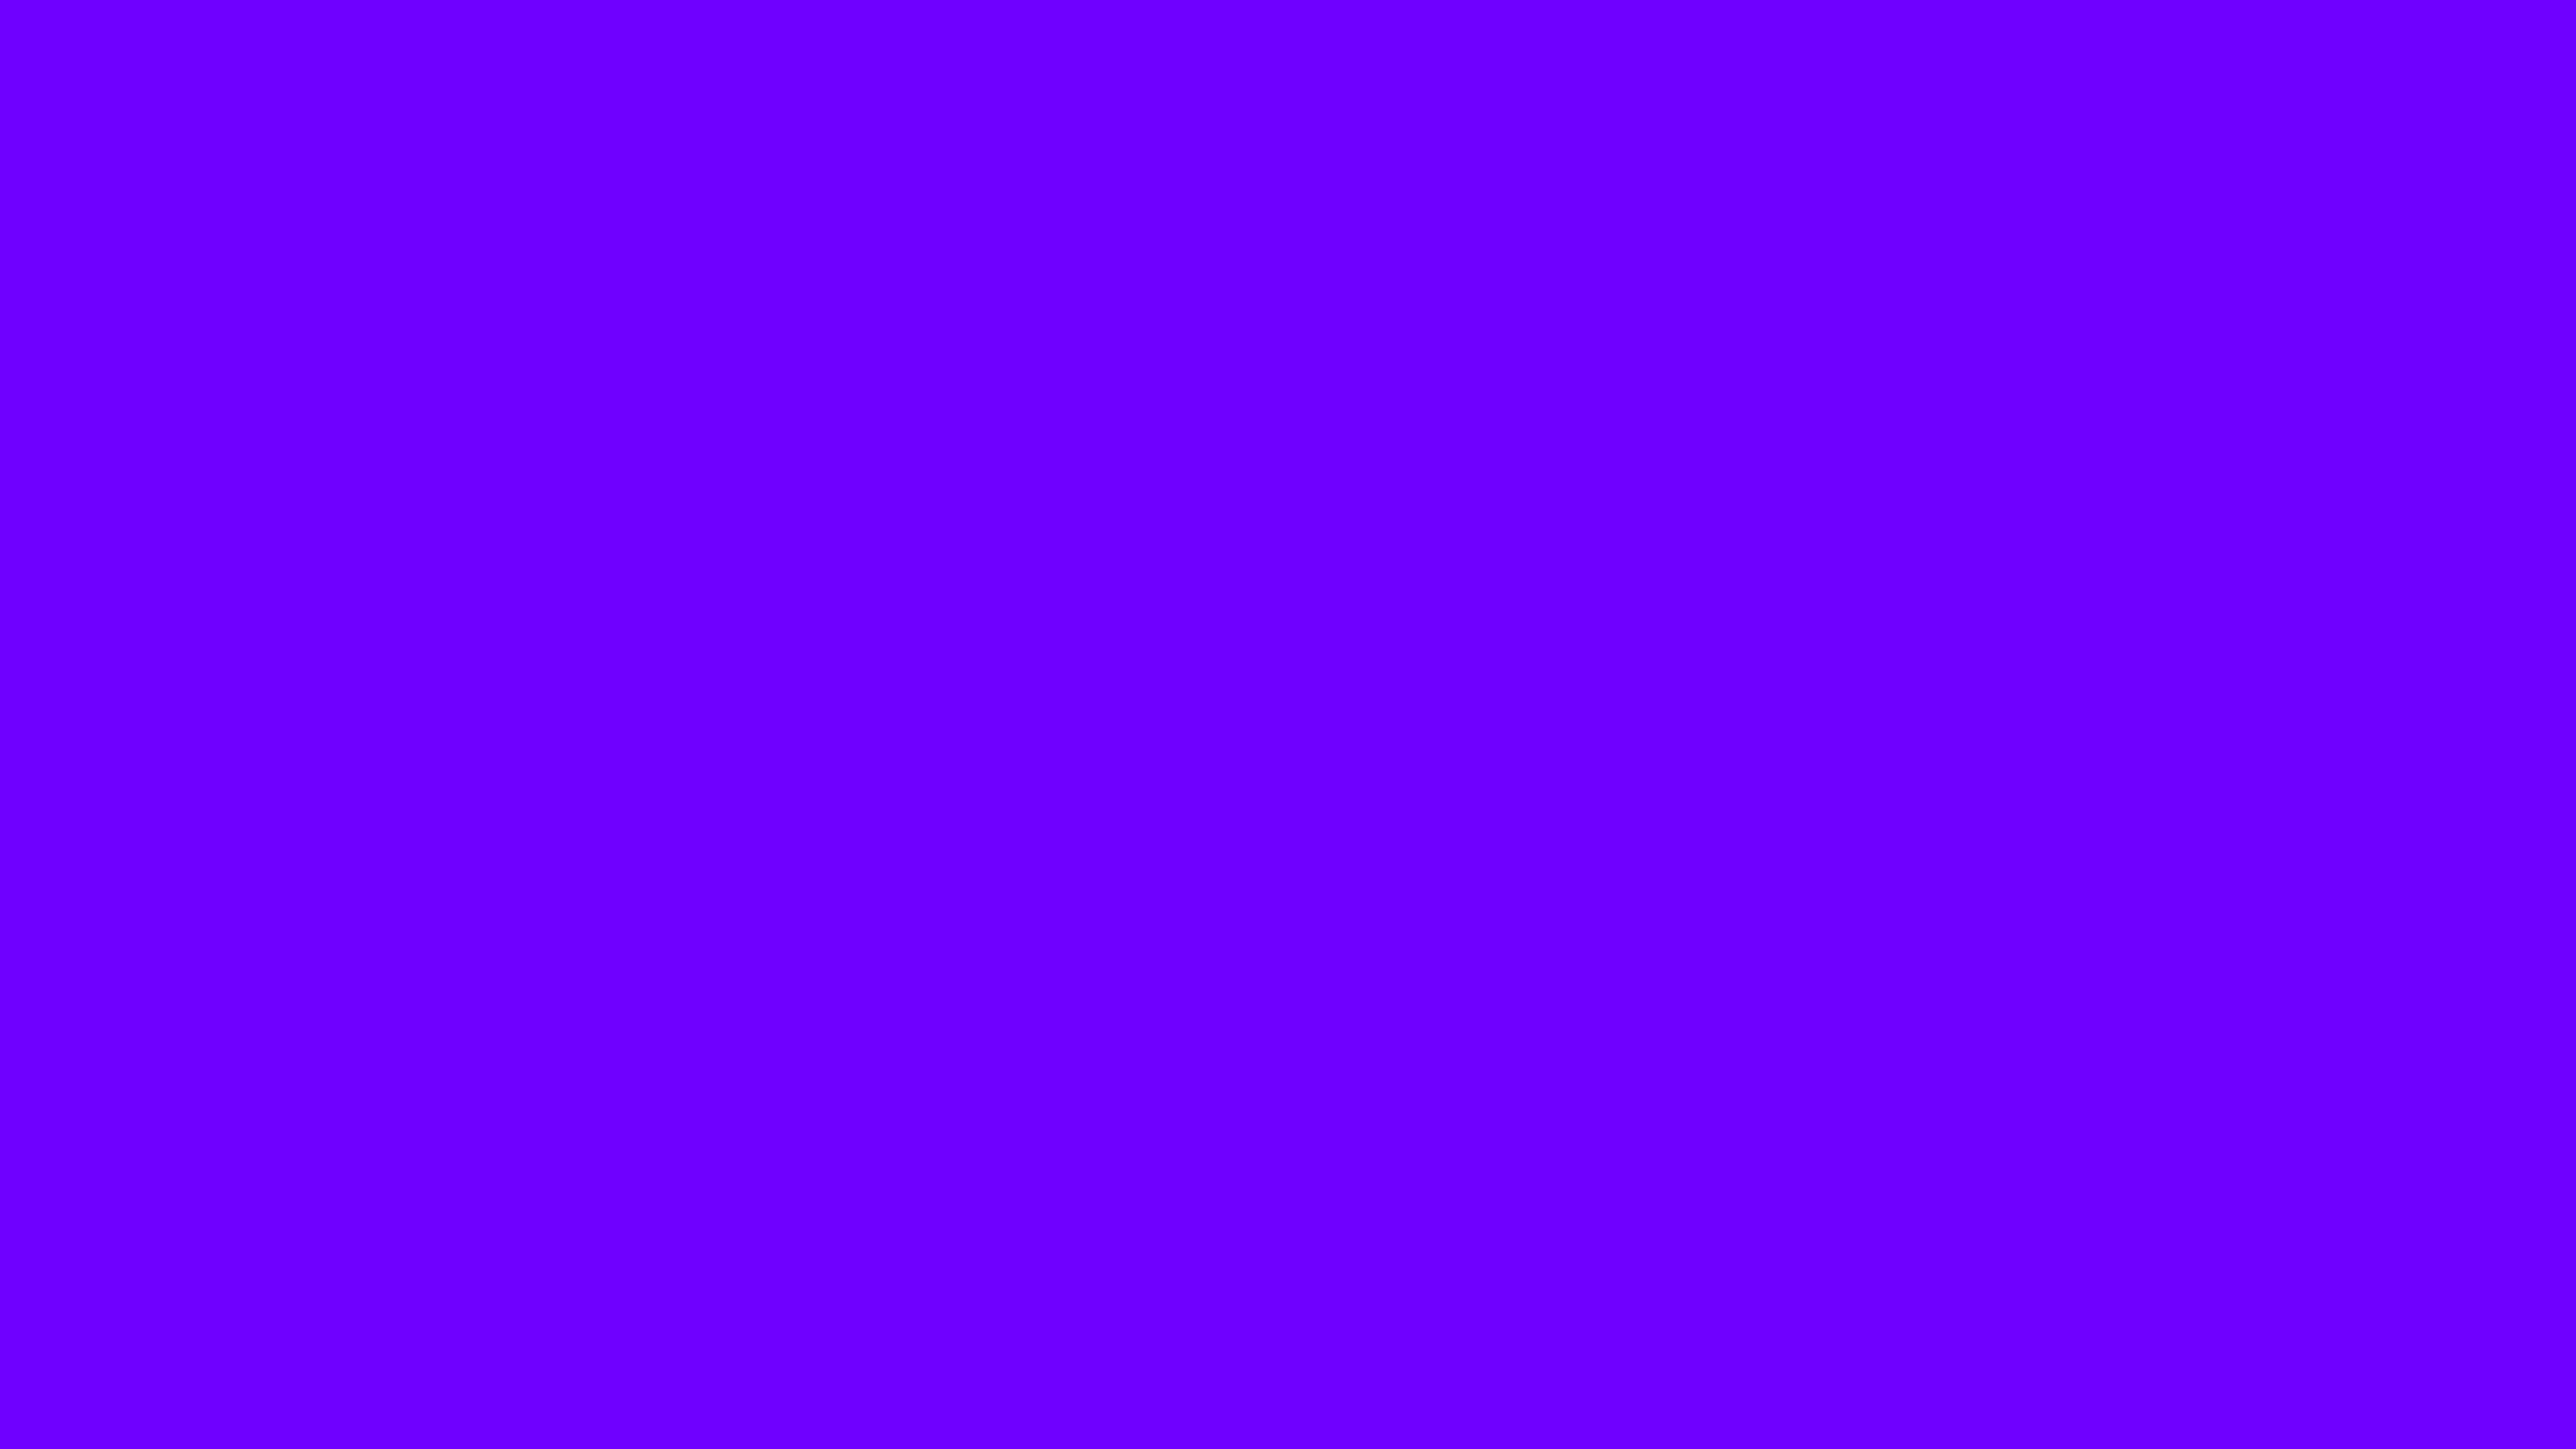 5120x2880 Indigo Solid Color Background